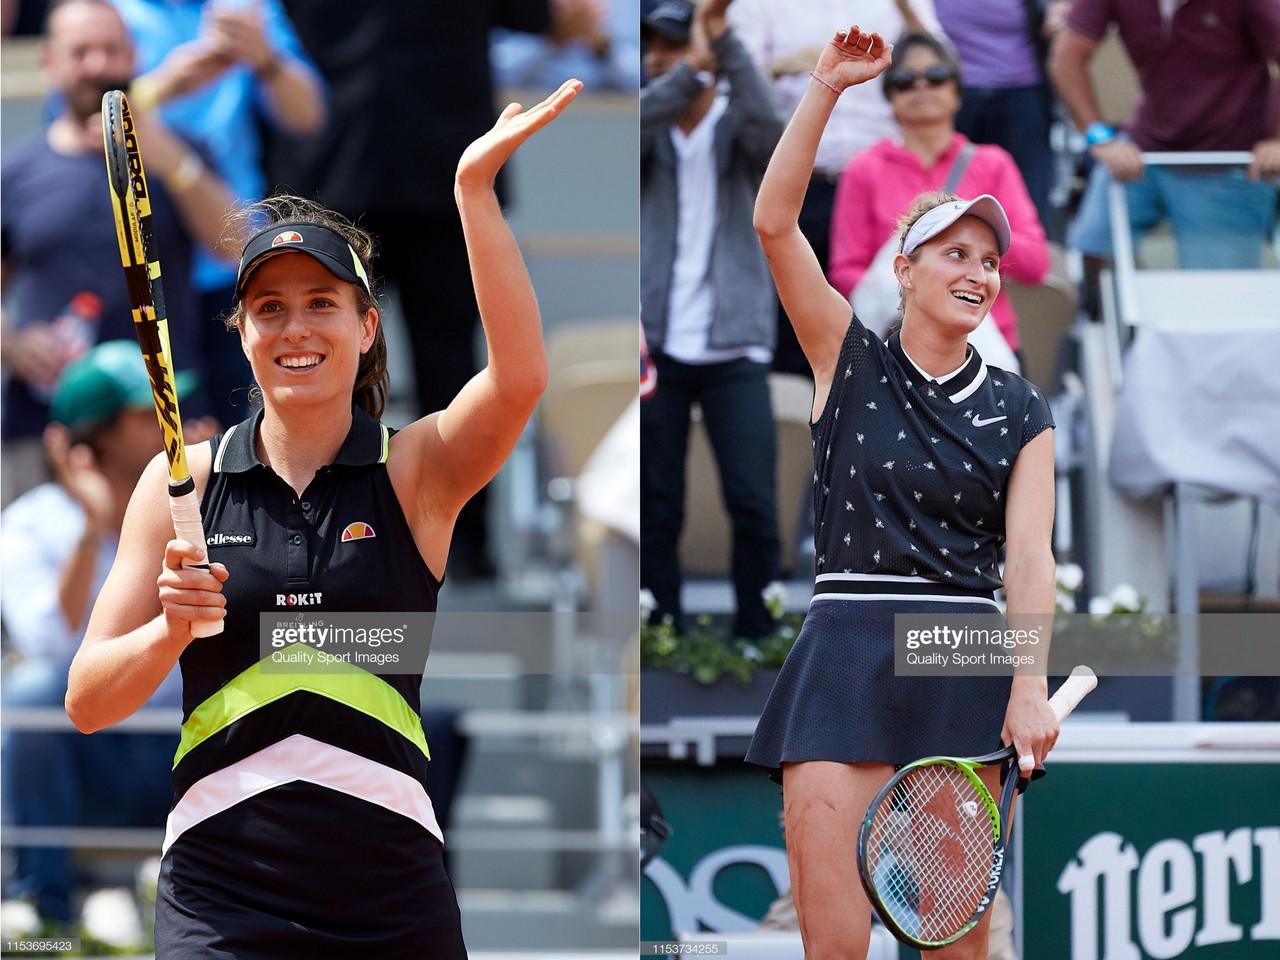 French Open semifinal preview: Johanna Konta vs Marketa Vondrousova